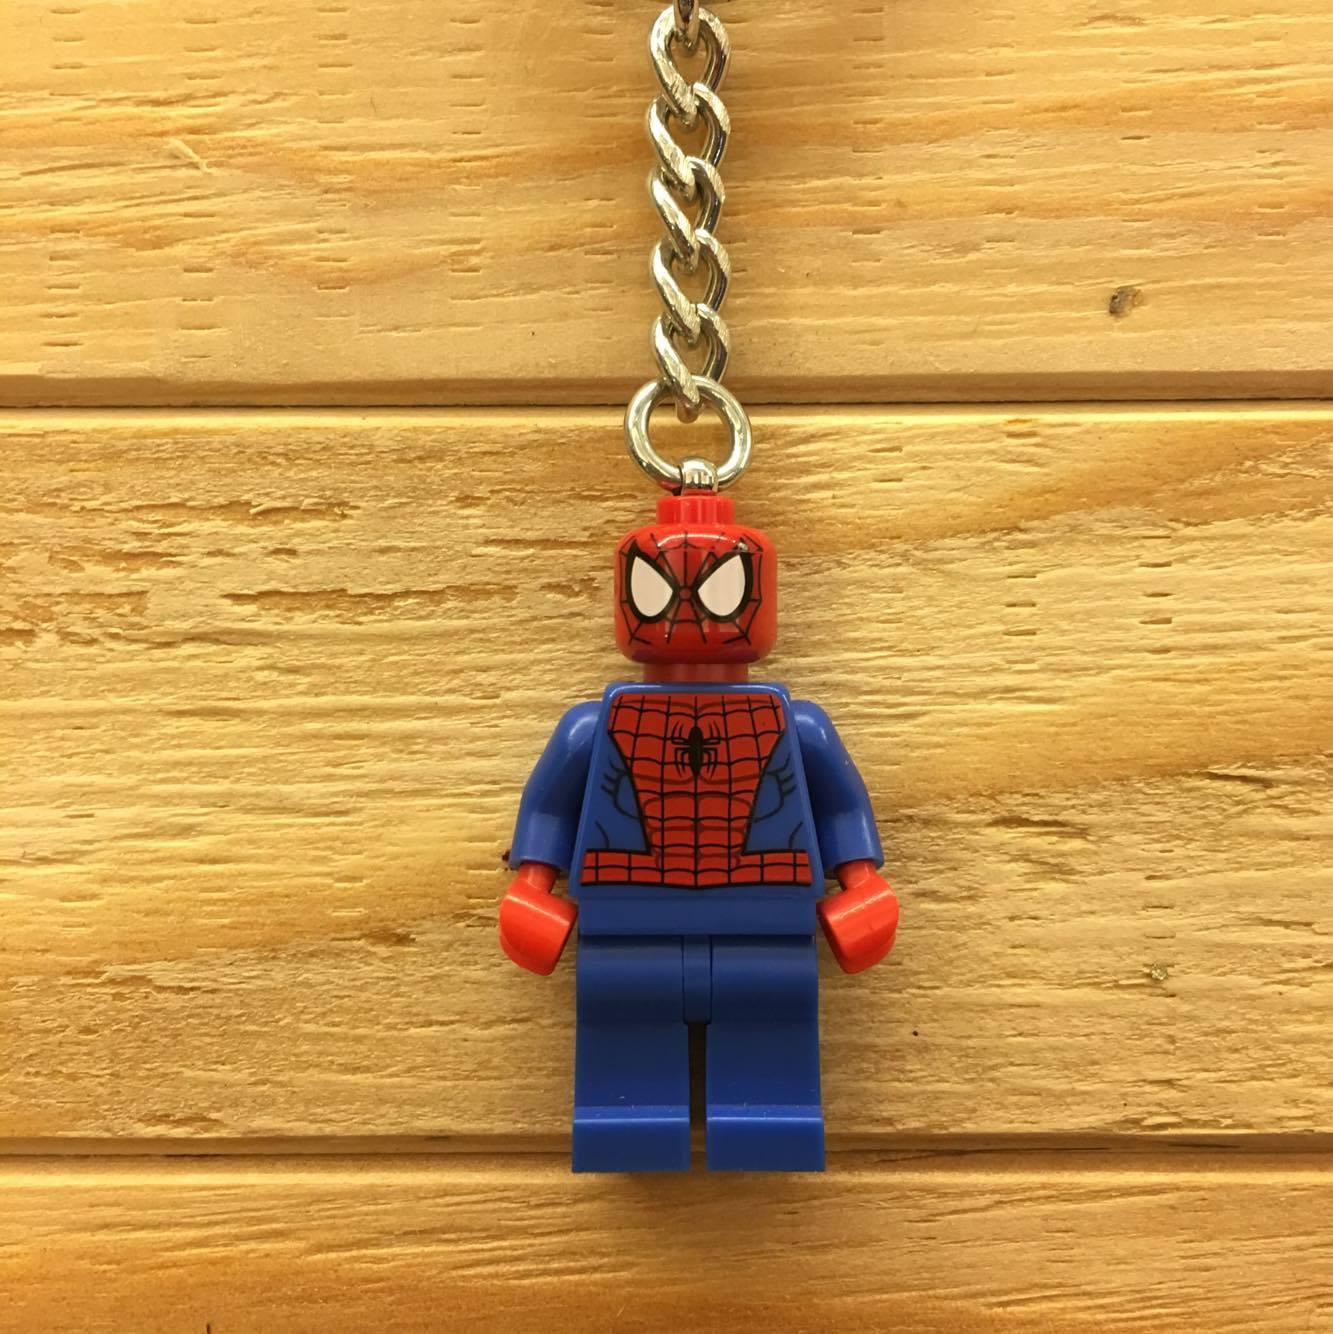 BEETLE LEGO SUPER HEROES SPIDER MAN 蜘蛛人 彼得 班傑明 樂高 積木 鑰匙圈 玩具 1